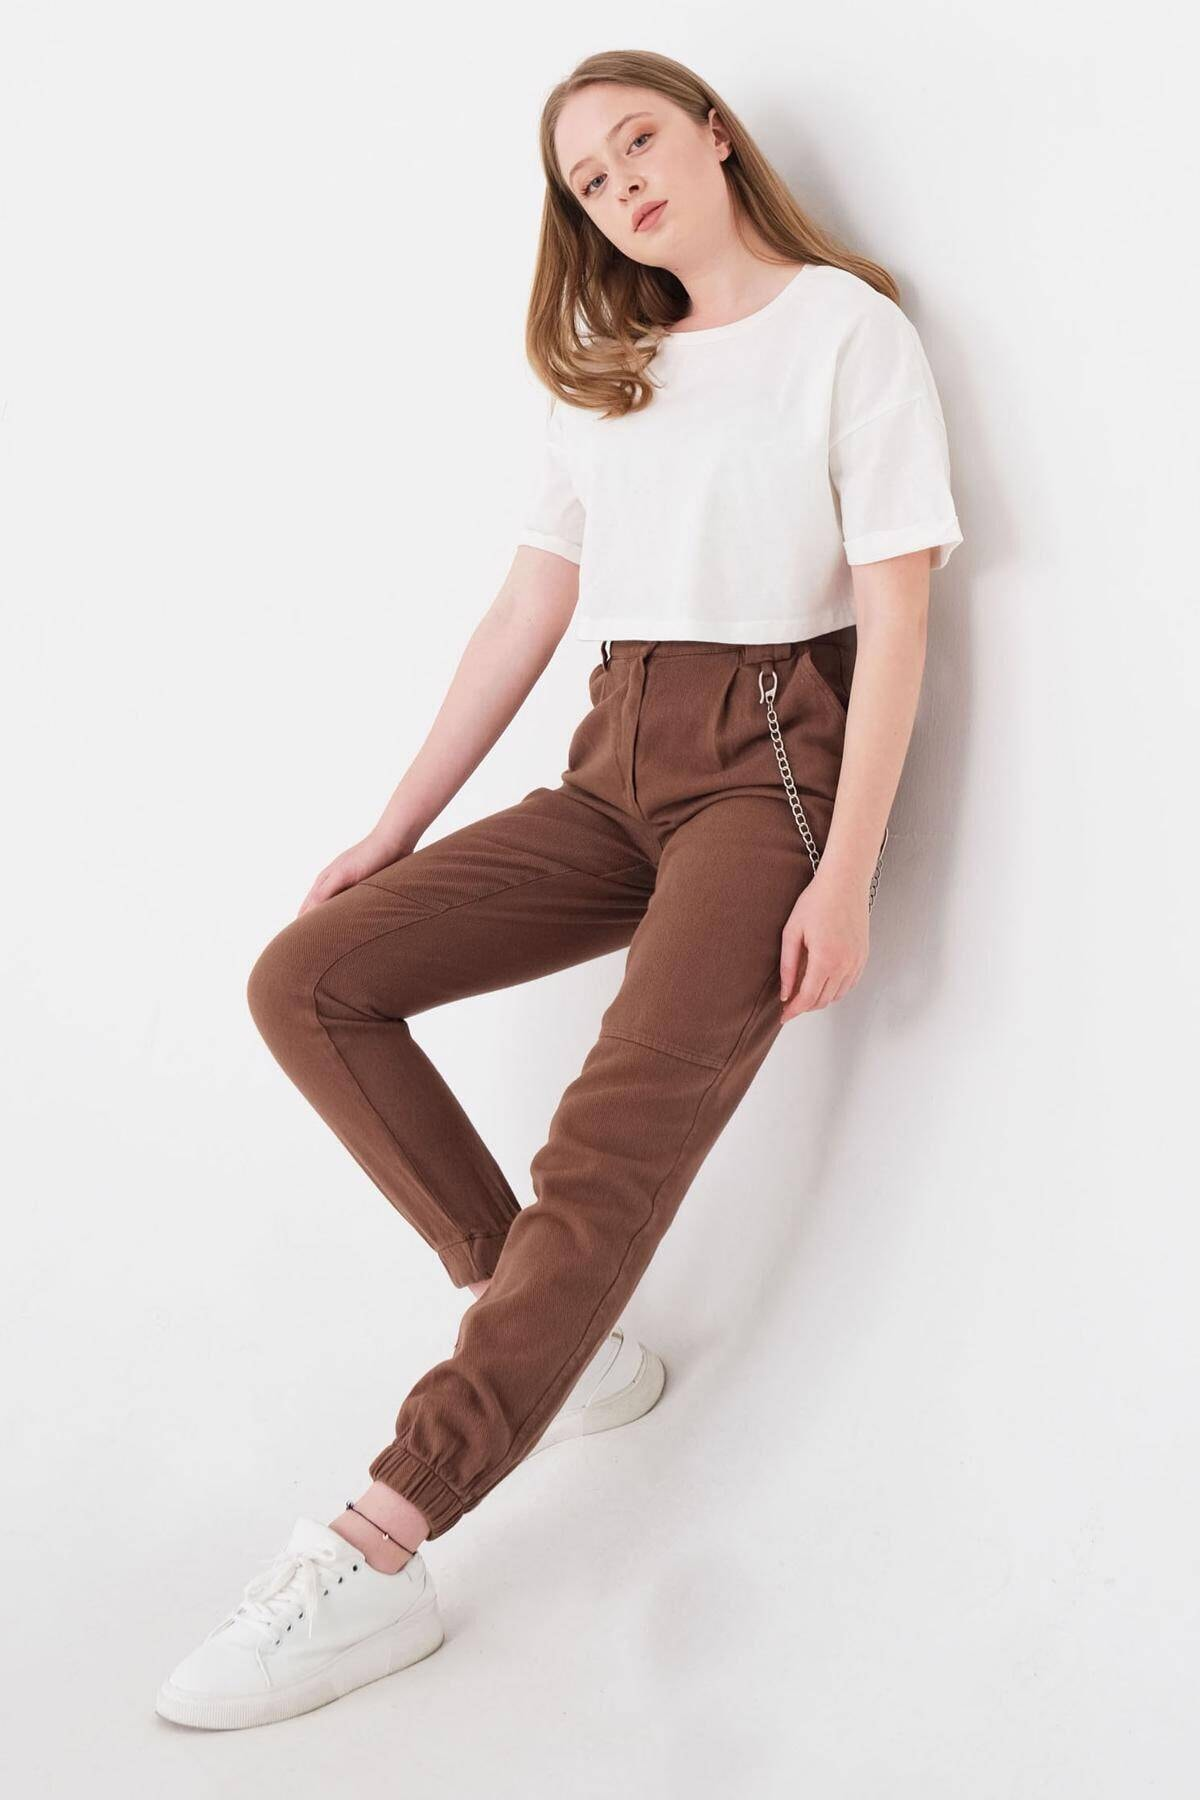 Addax Kadın Kahve Zincir Detaylı Pantolon Pn01-0073 - S11 Adx-0000024102 2